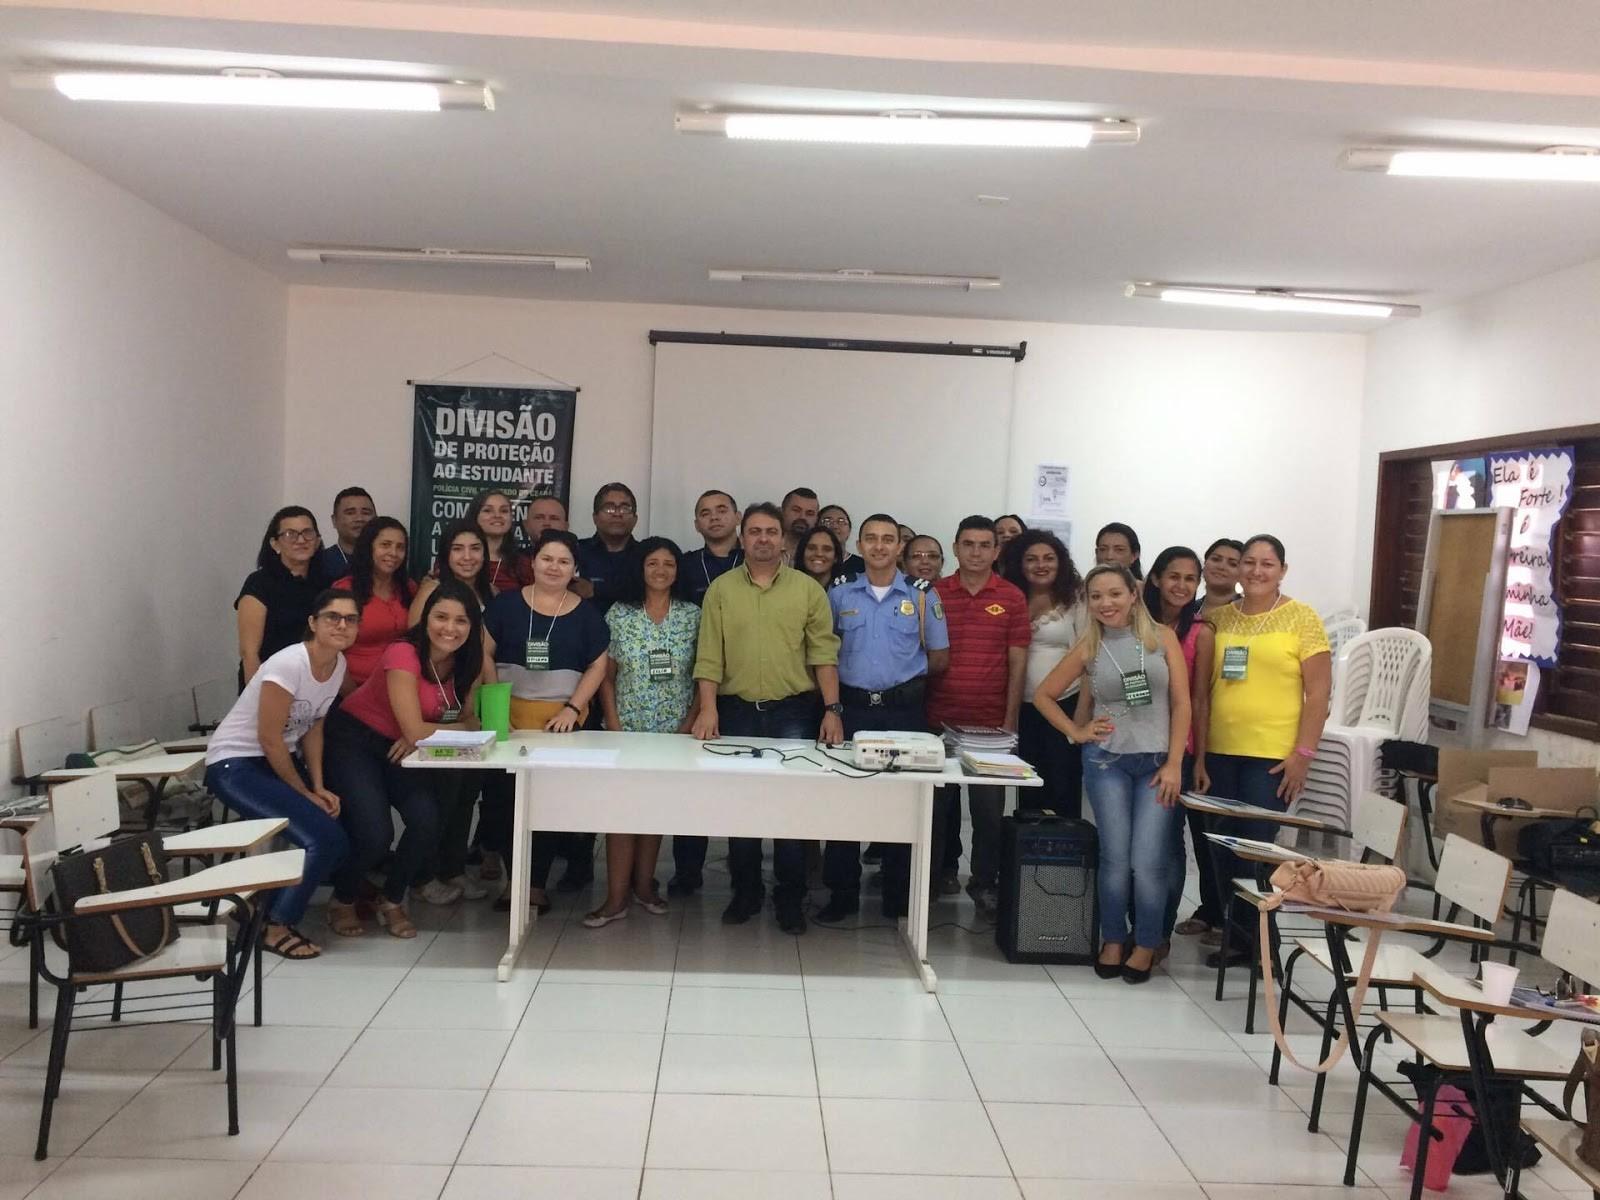 Nºcleos de Media§£o unitária do Ceará 2016